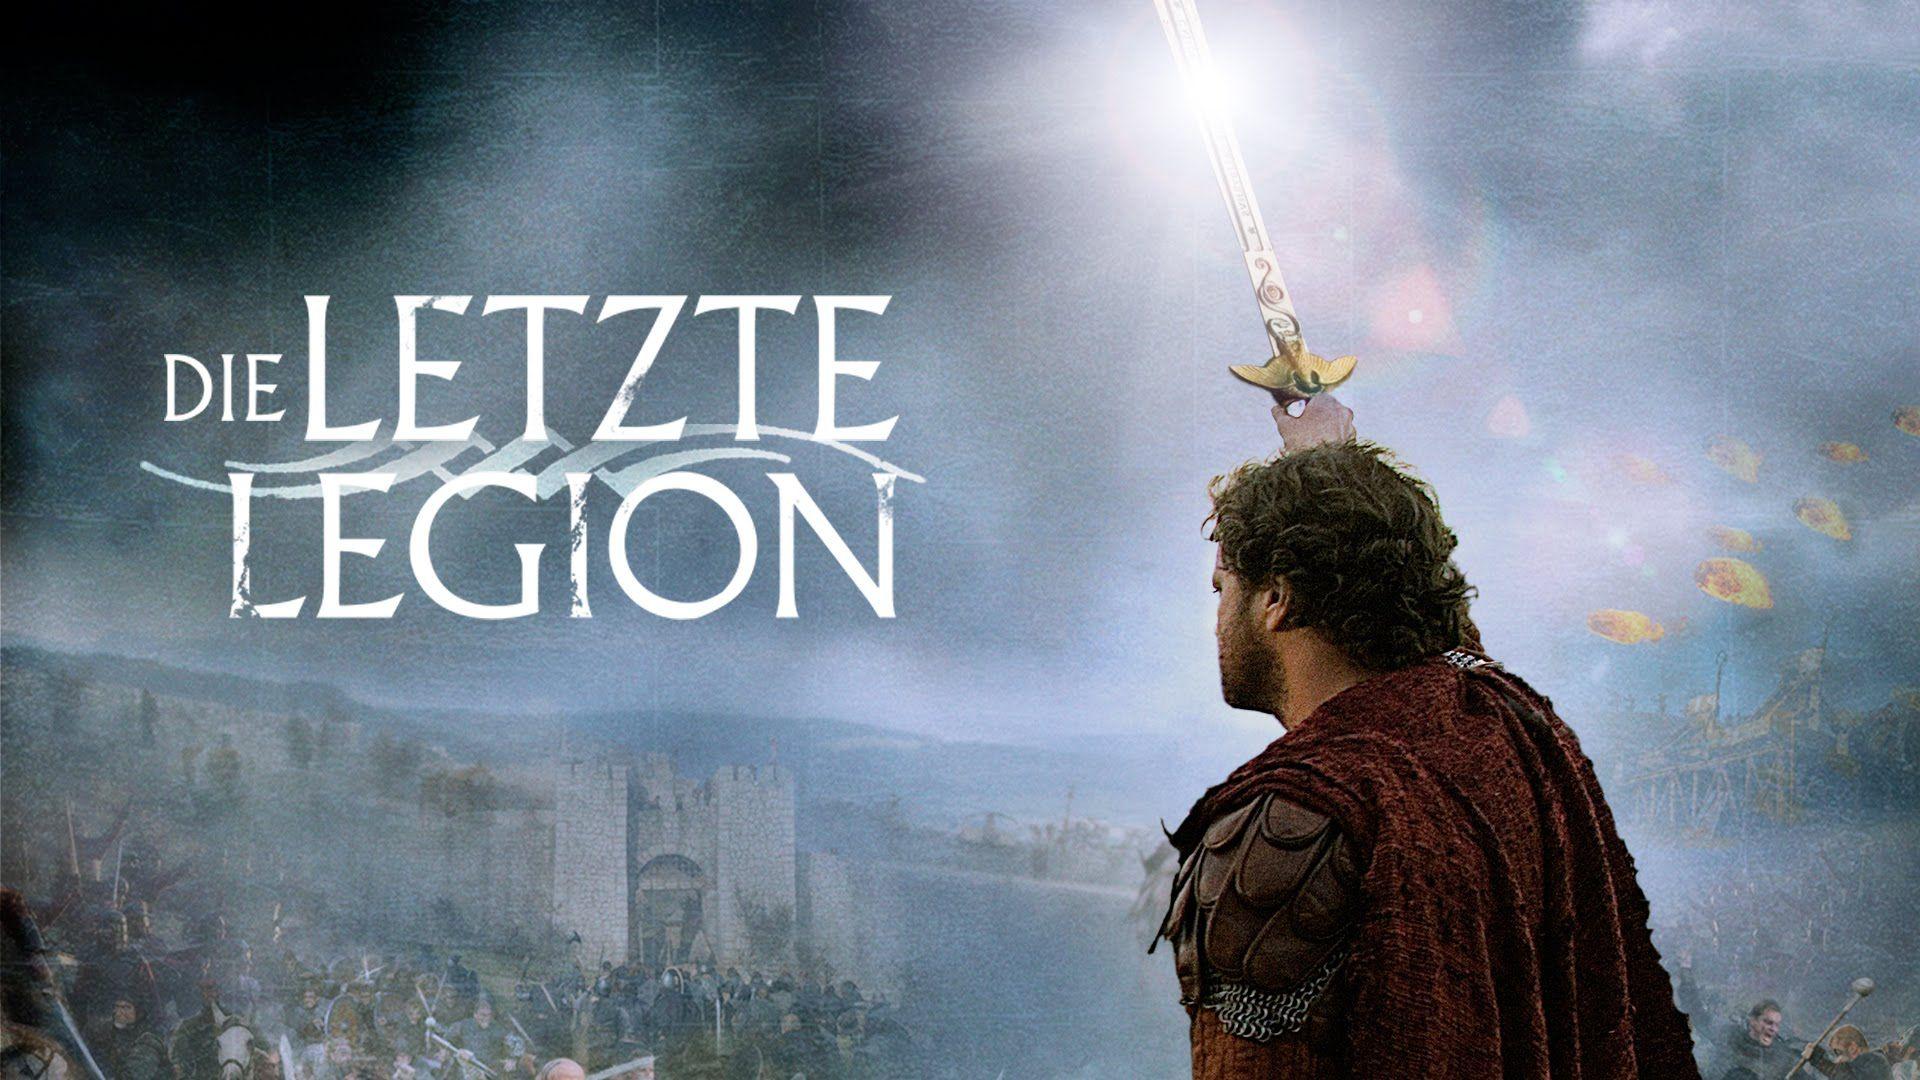 die letzte legion ganzer film deutsch